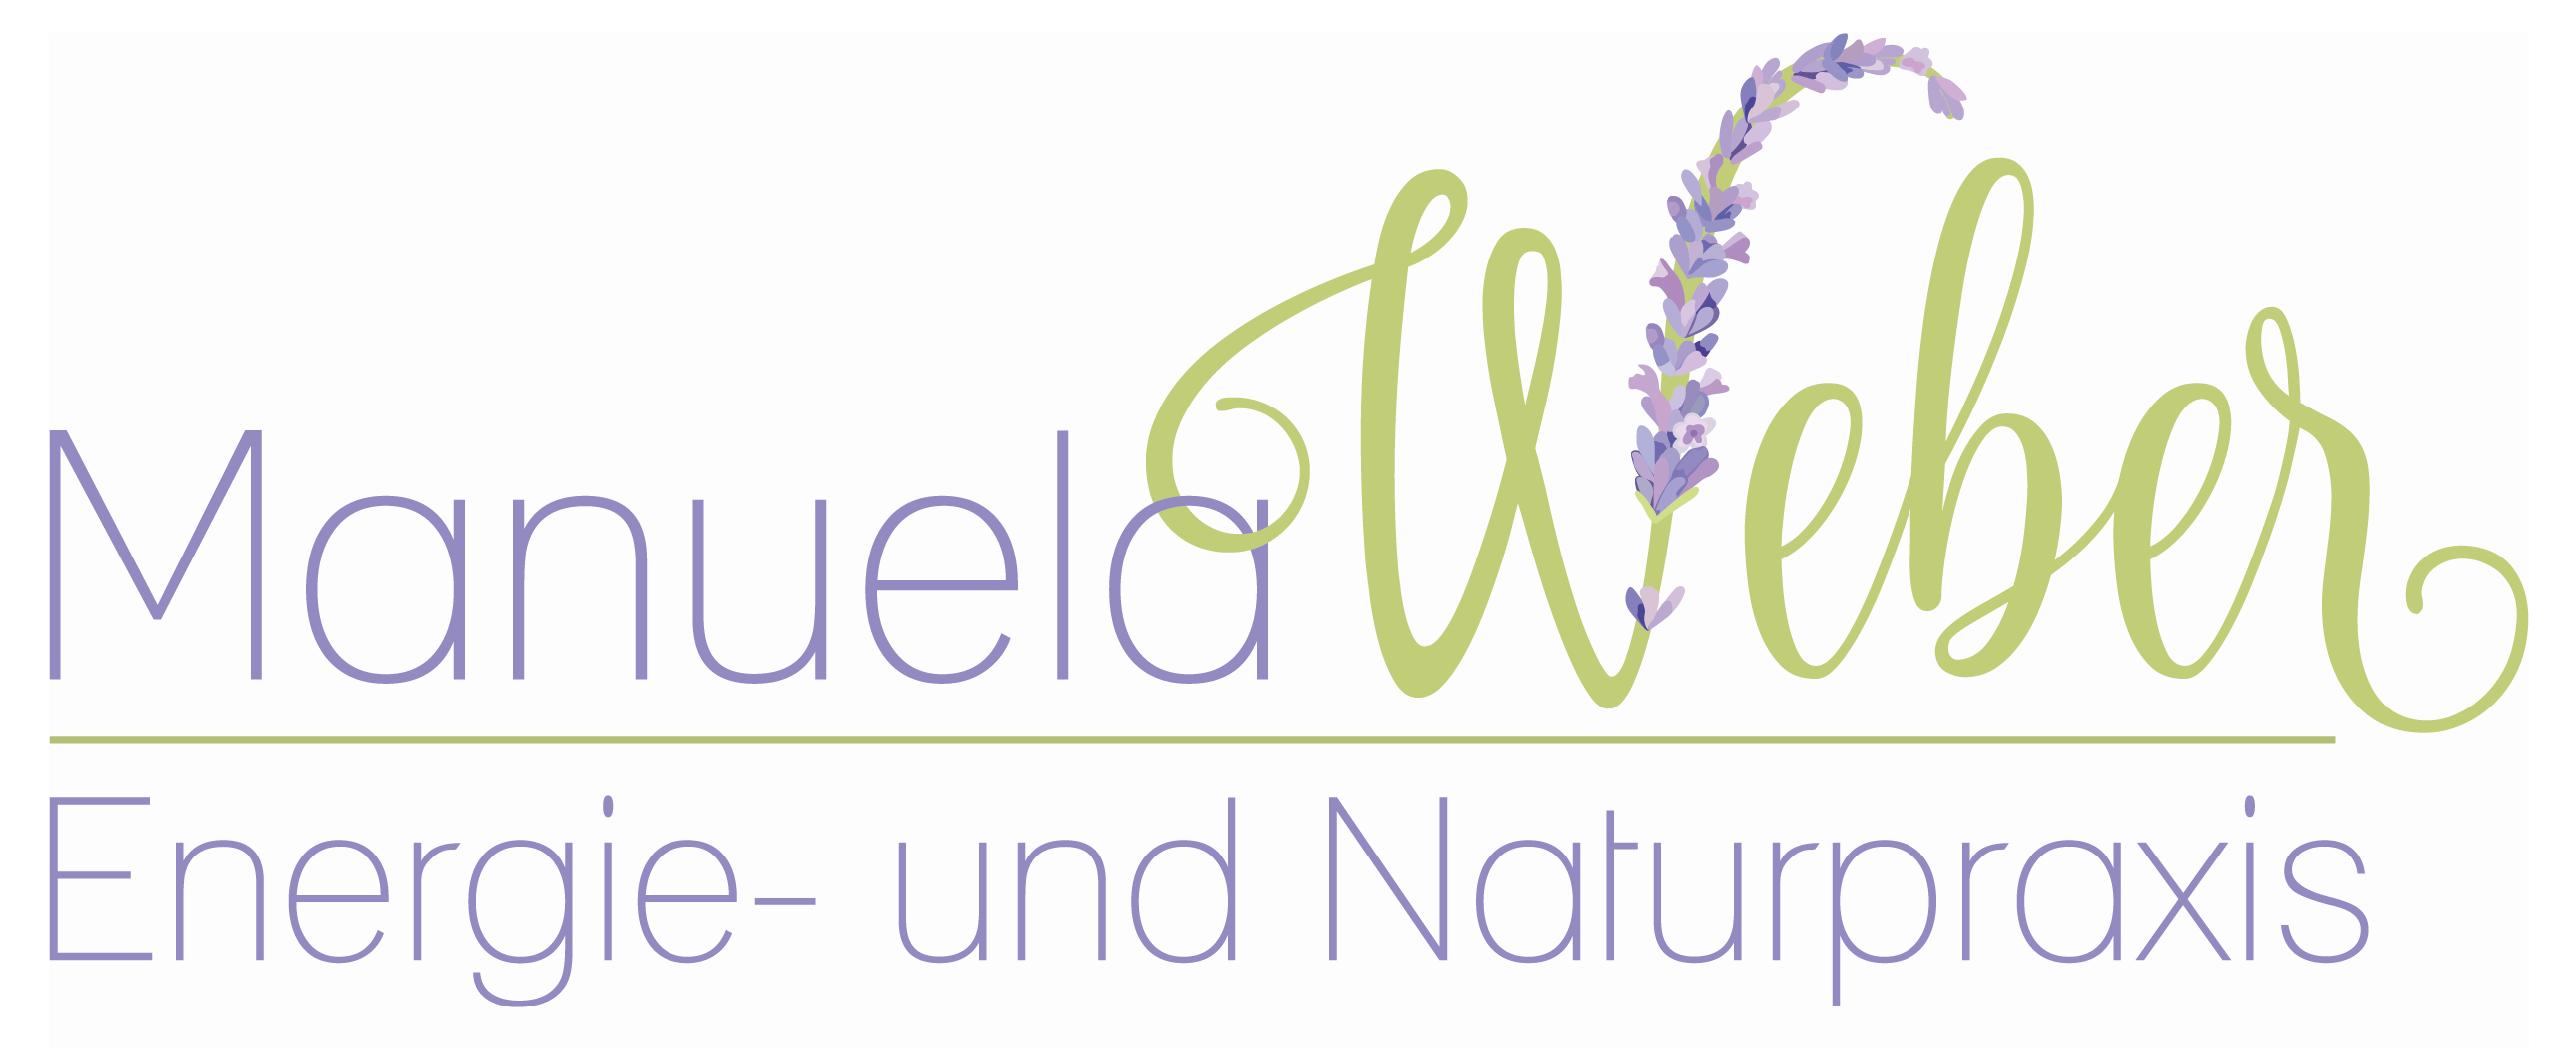 Energie- und Naturpraxis Manuela Weber (Energetiker)